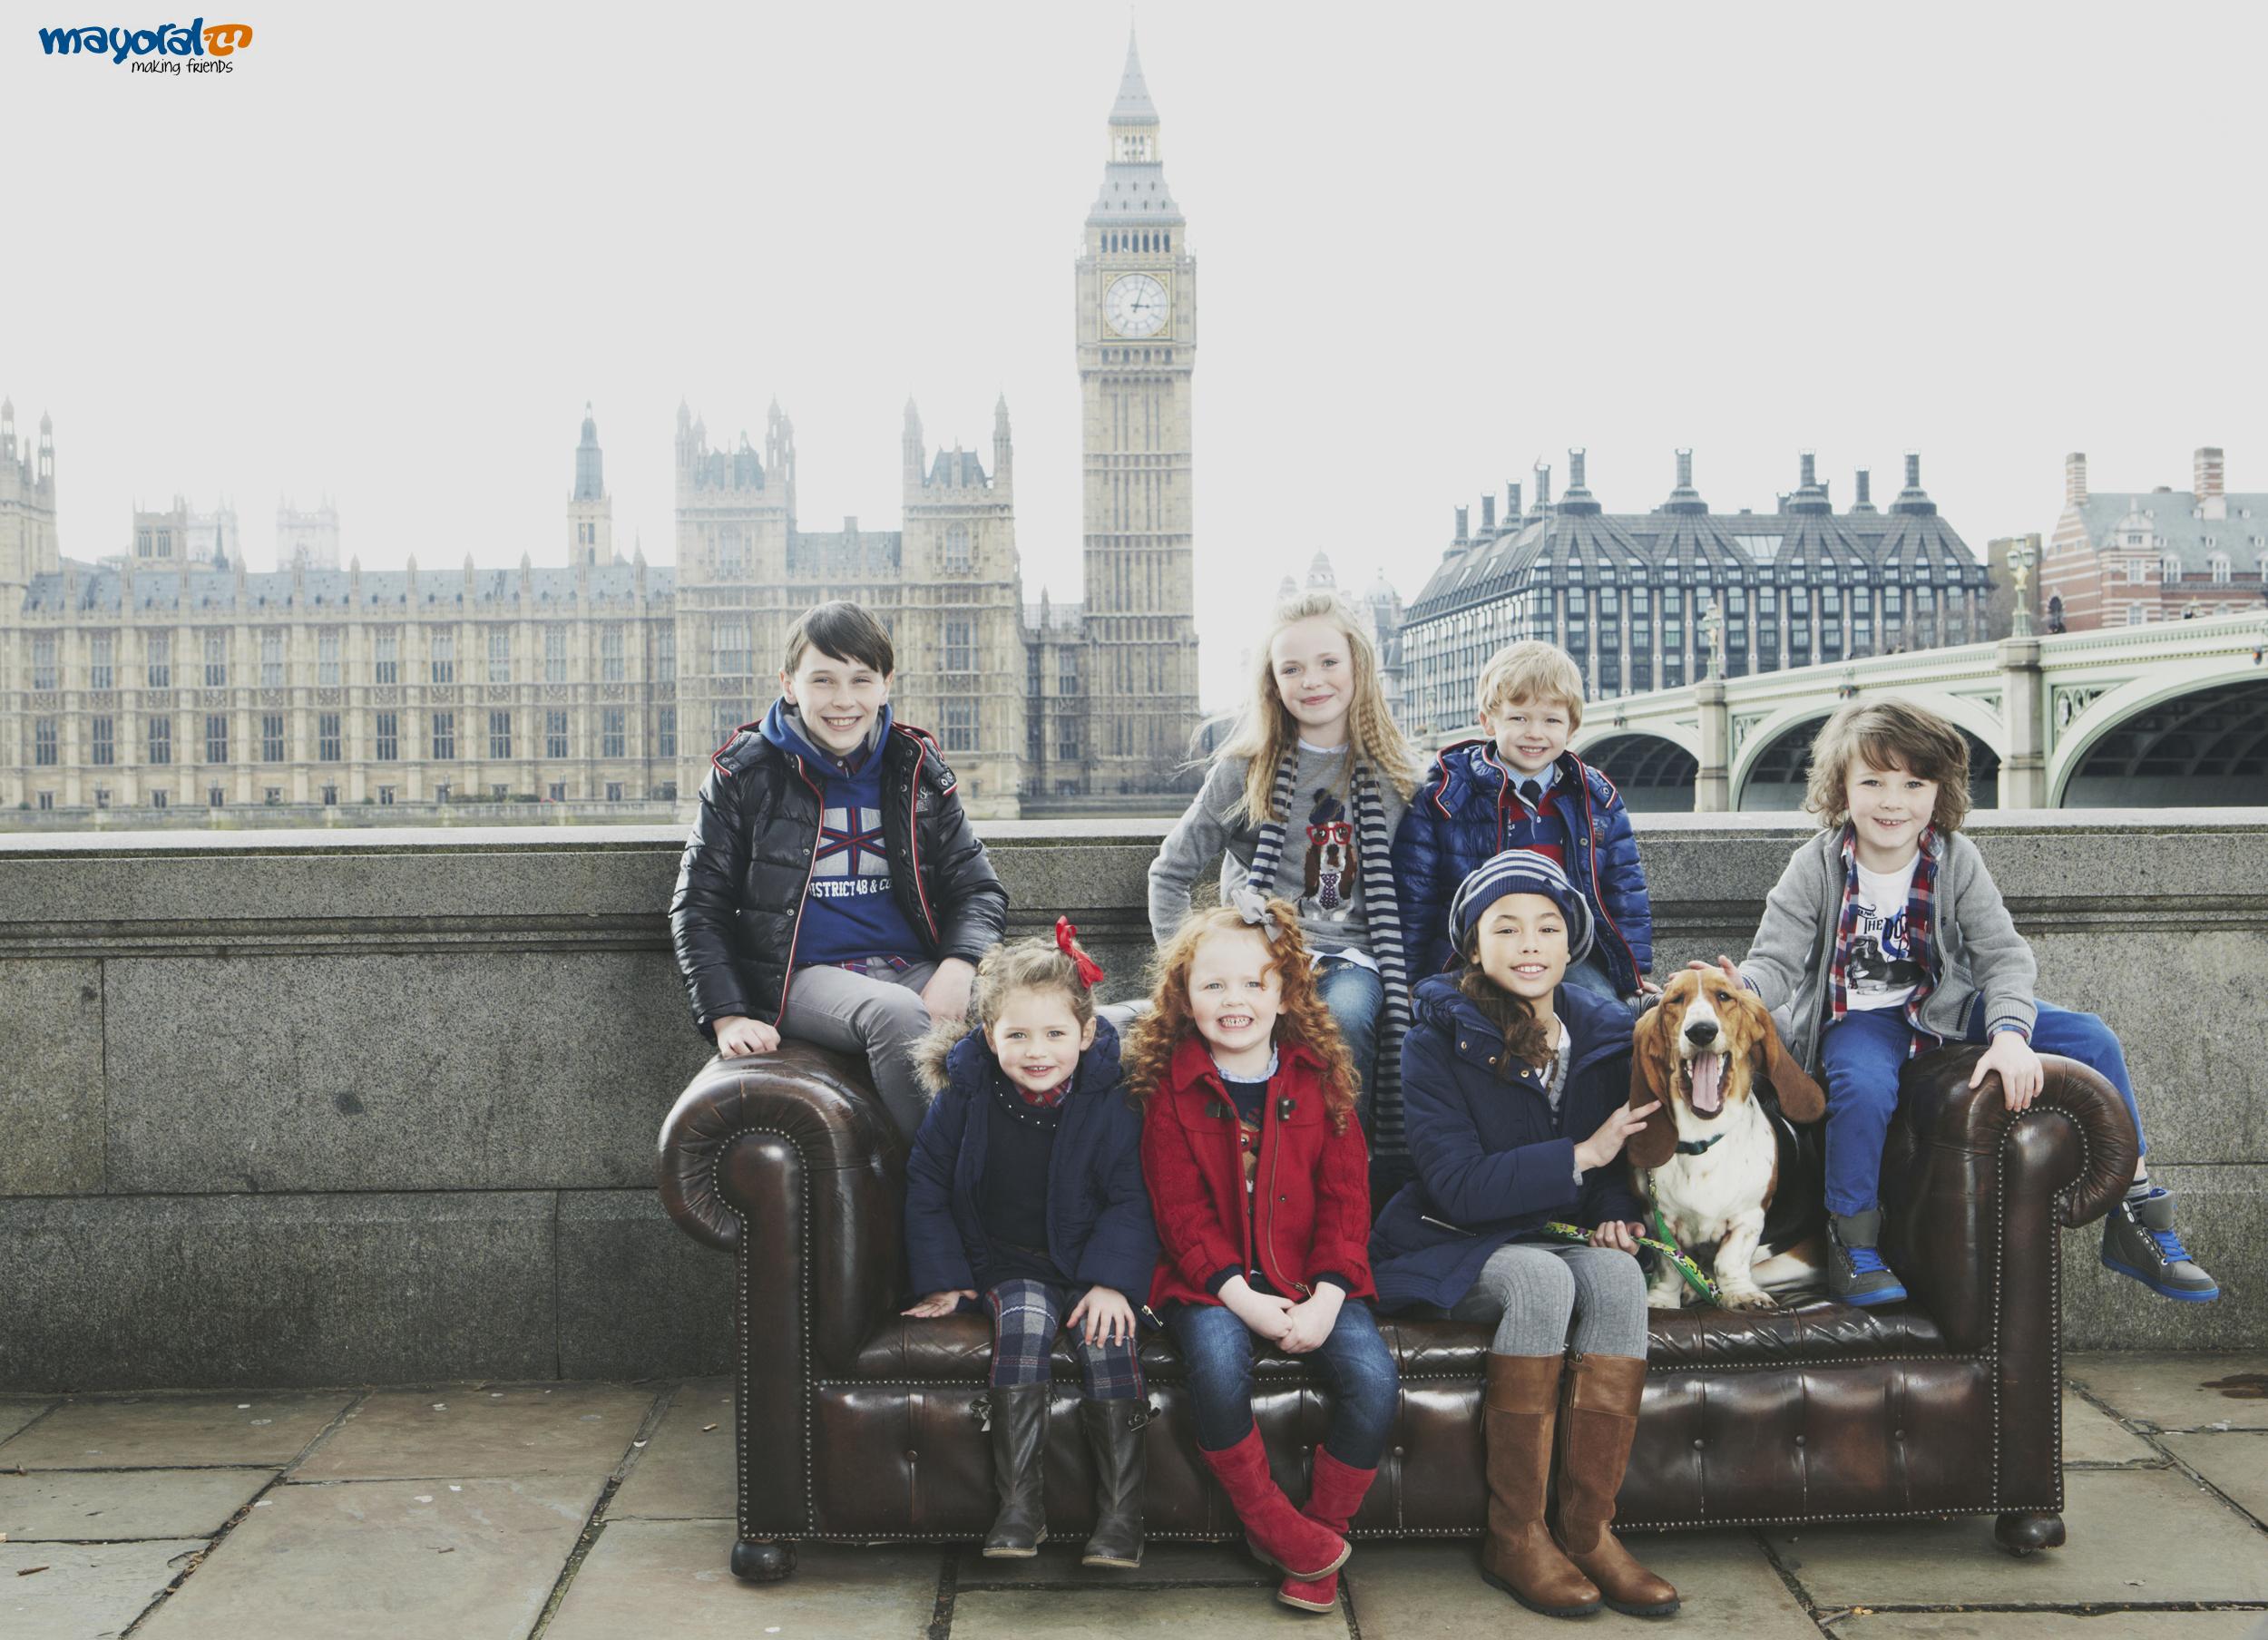 Westminster Bridge_163.jpg